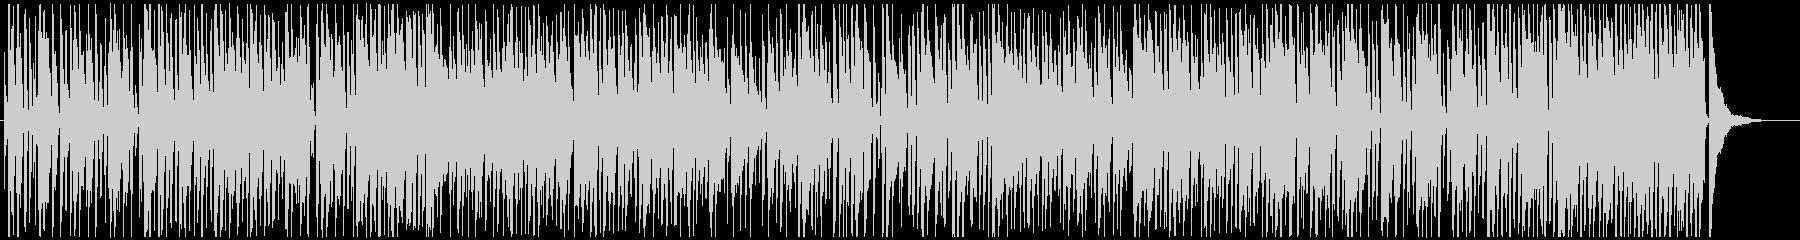 ピアノとサックスのお洒落なジャズの未再生の波形